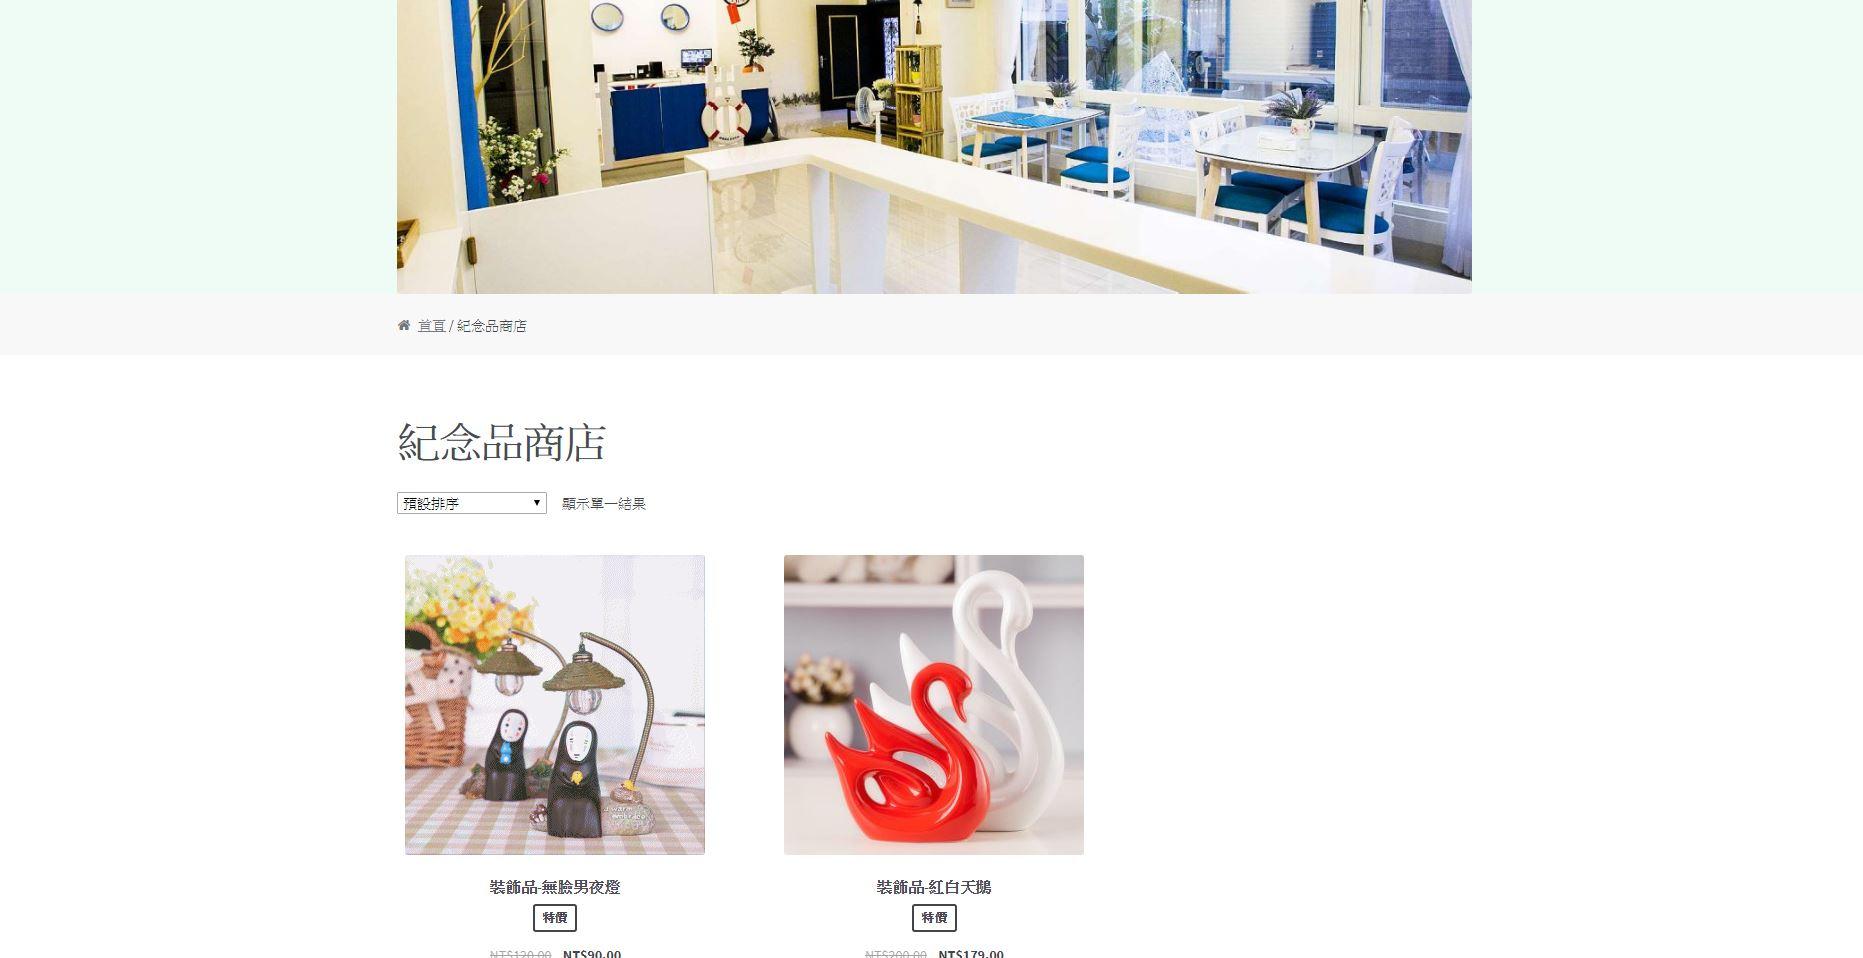 訂房+購物網站範例